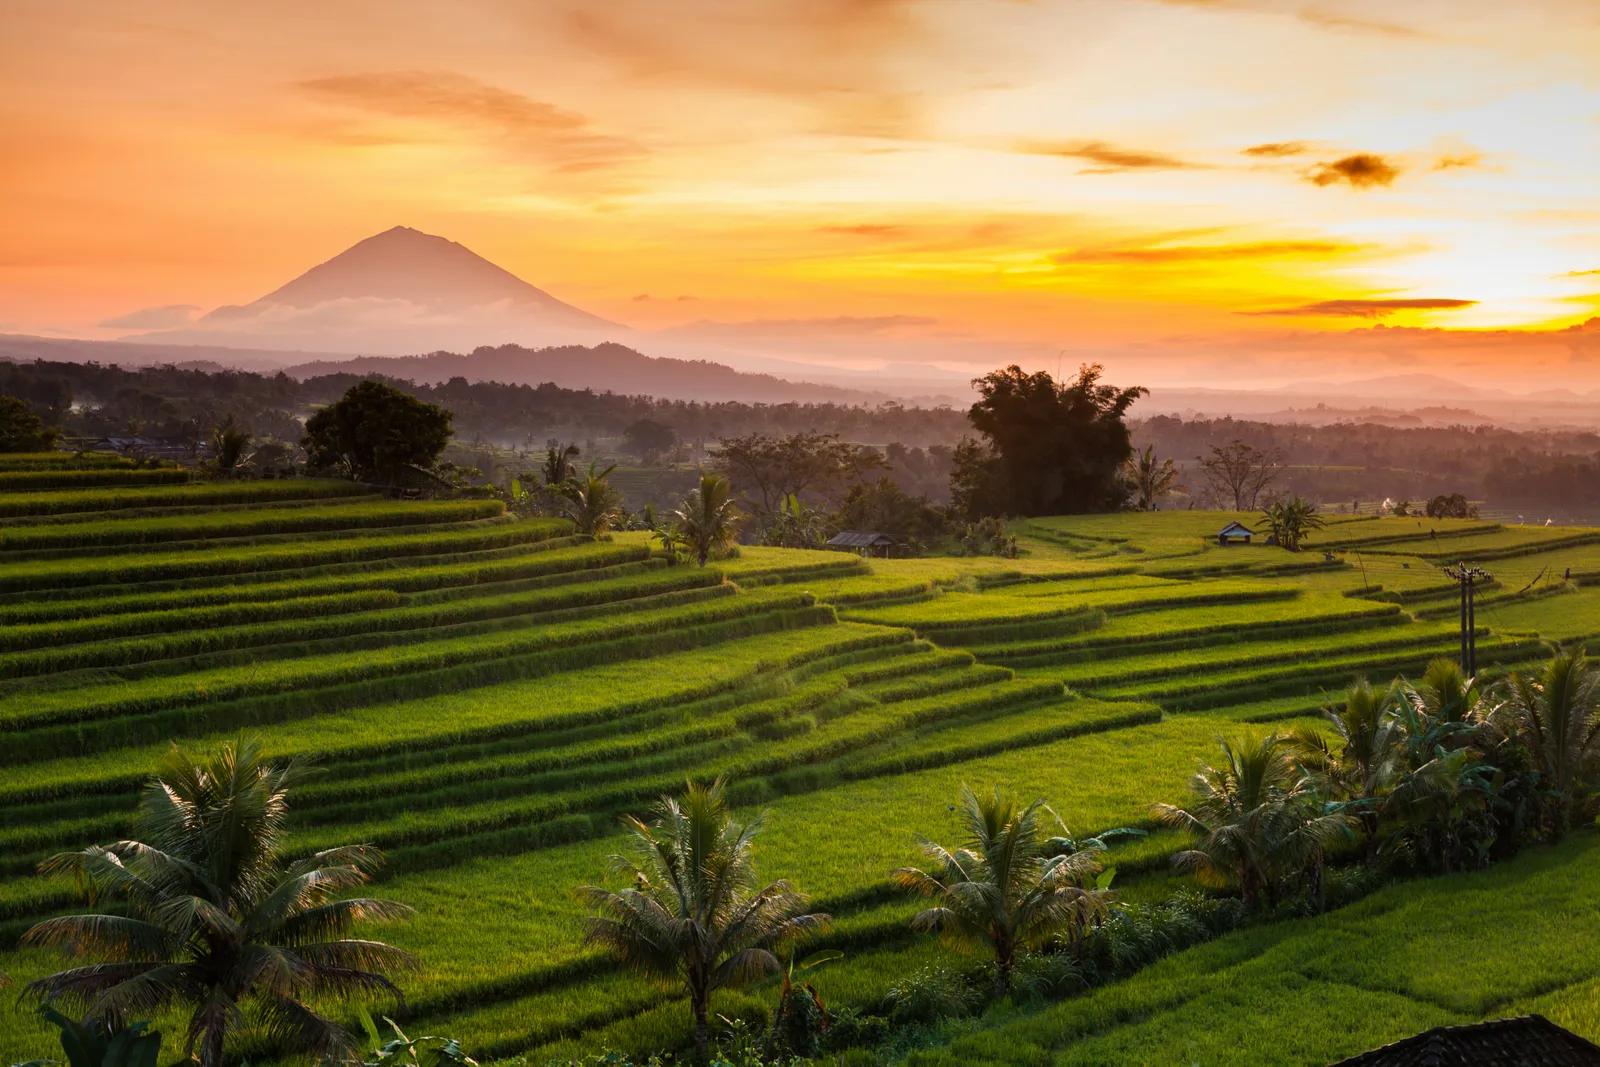 Indonesia_GettyImages-636714416.jpg.webp